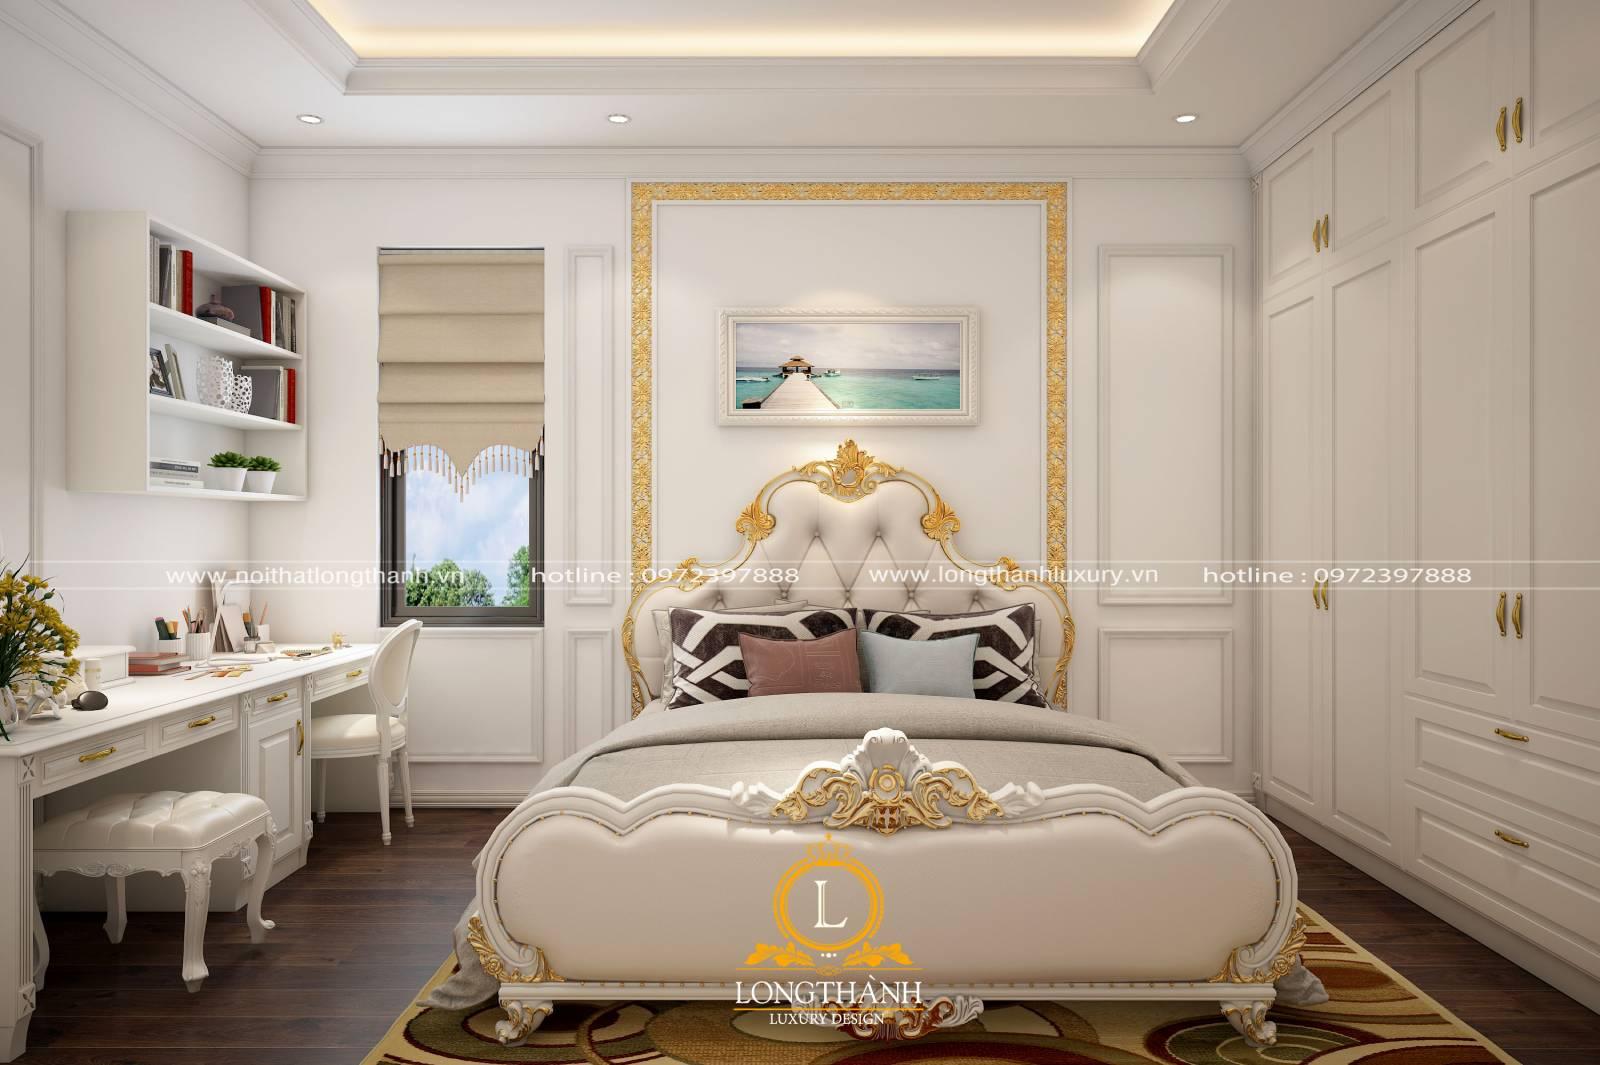 Thiết kế nội thất phòng ngủ tân cổ điển nhỏ cần lưu ý về diện tích và màu sắc